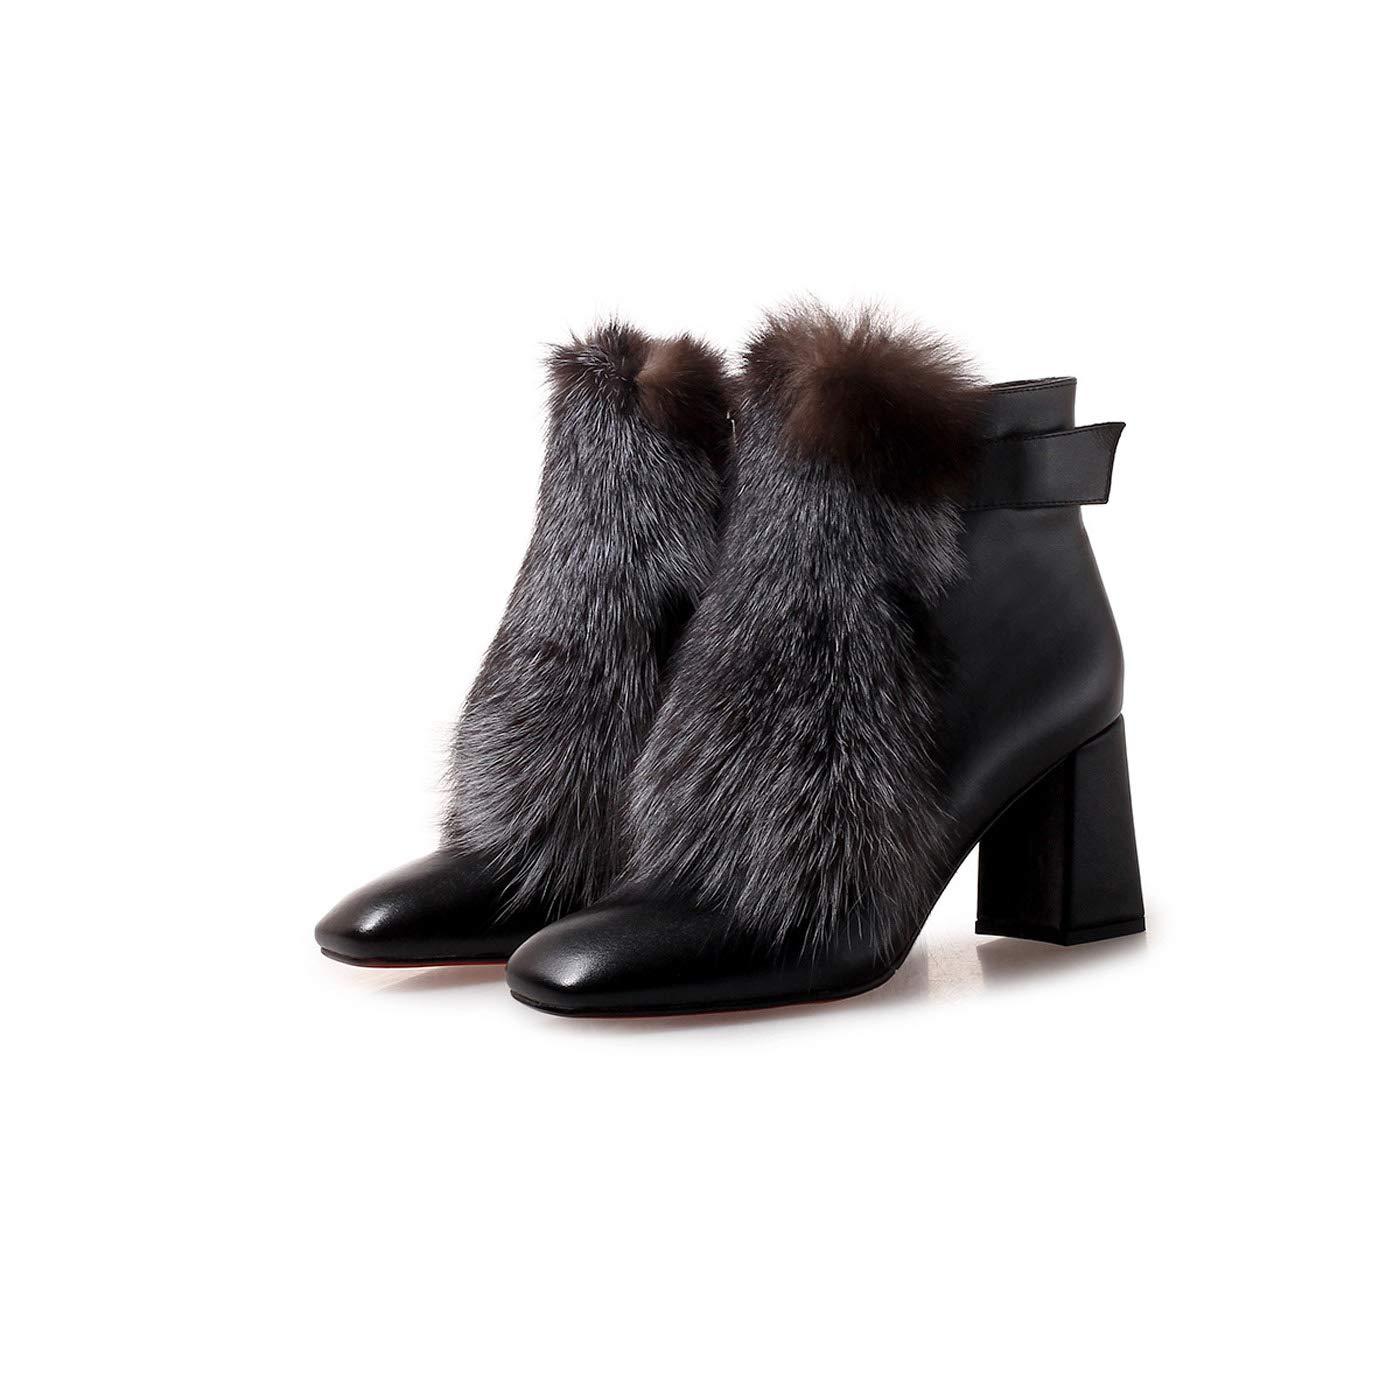 DANDANJIE Damen Stiefel mit Reißverschluss Block Heel Schuhe Fashion Ankle Stiefelies für 2018 Herbst & Winter